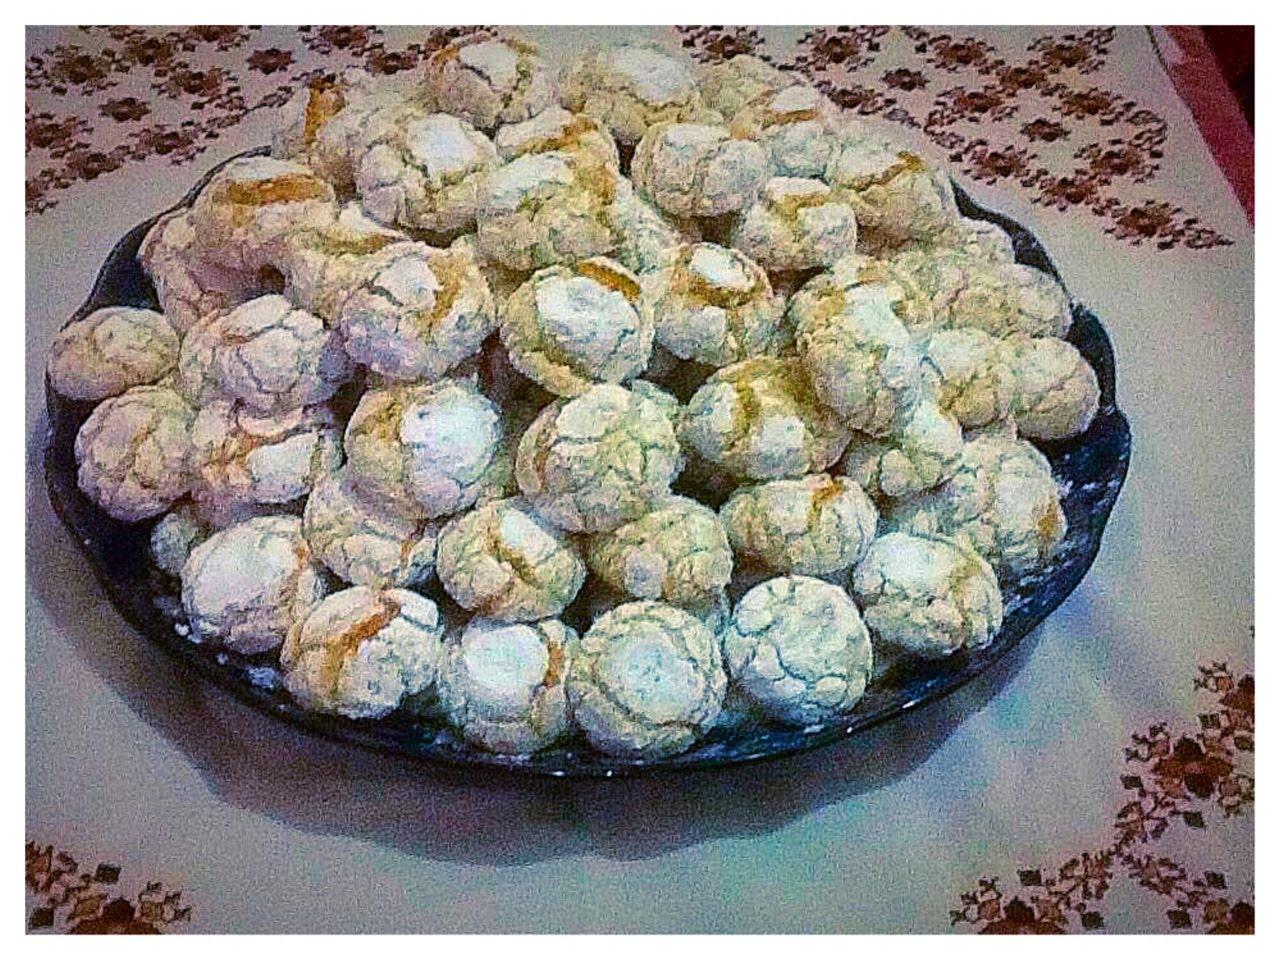 بالصور حلويات مغربية تقليدية , اروع واطعم اصناف الحلويات 367